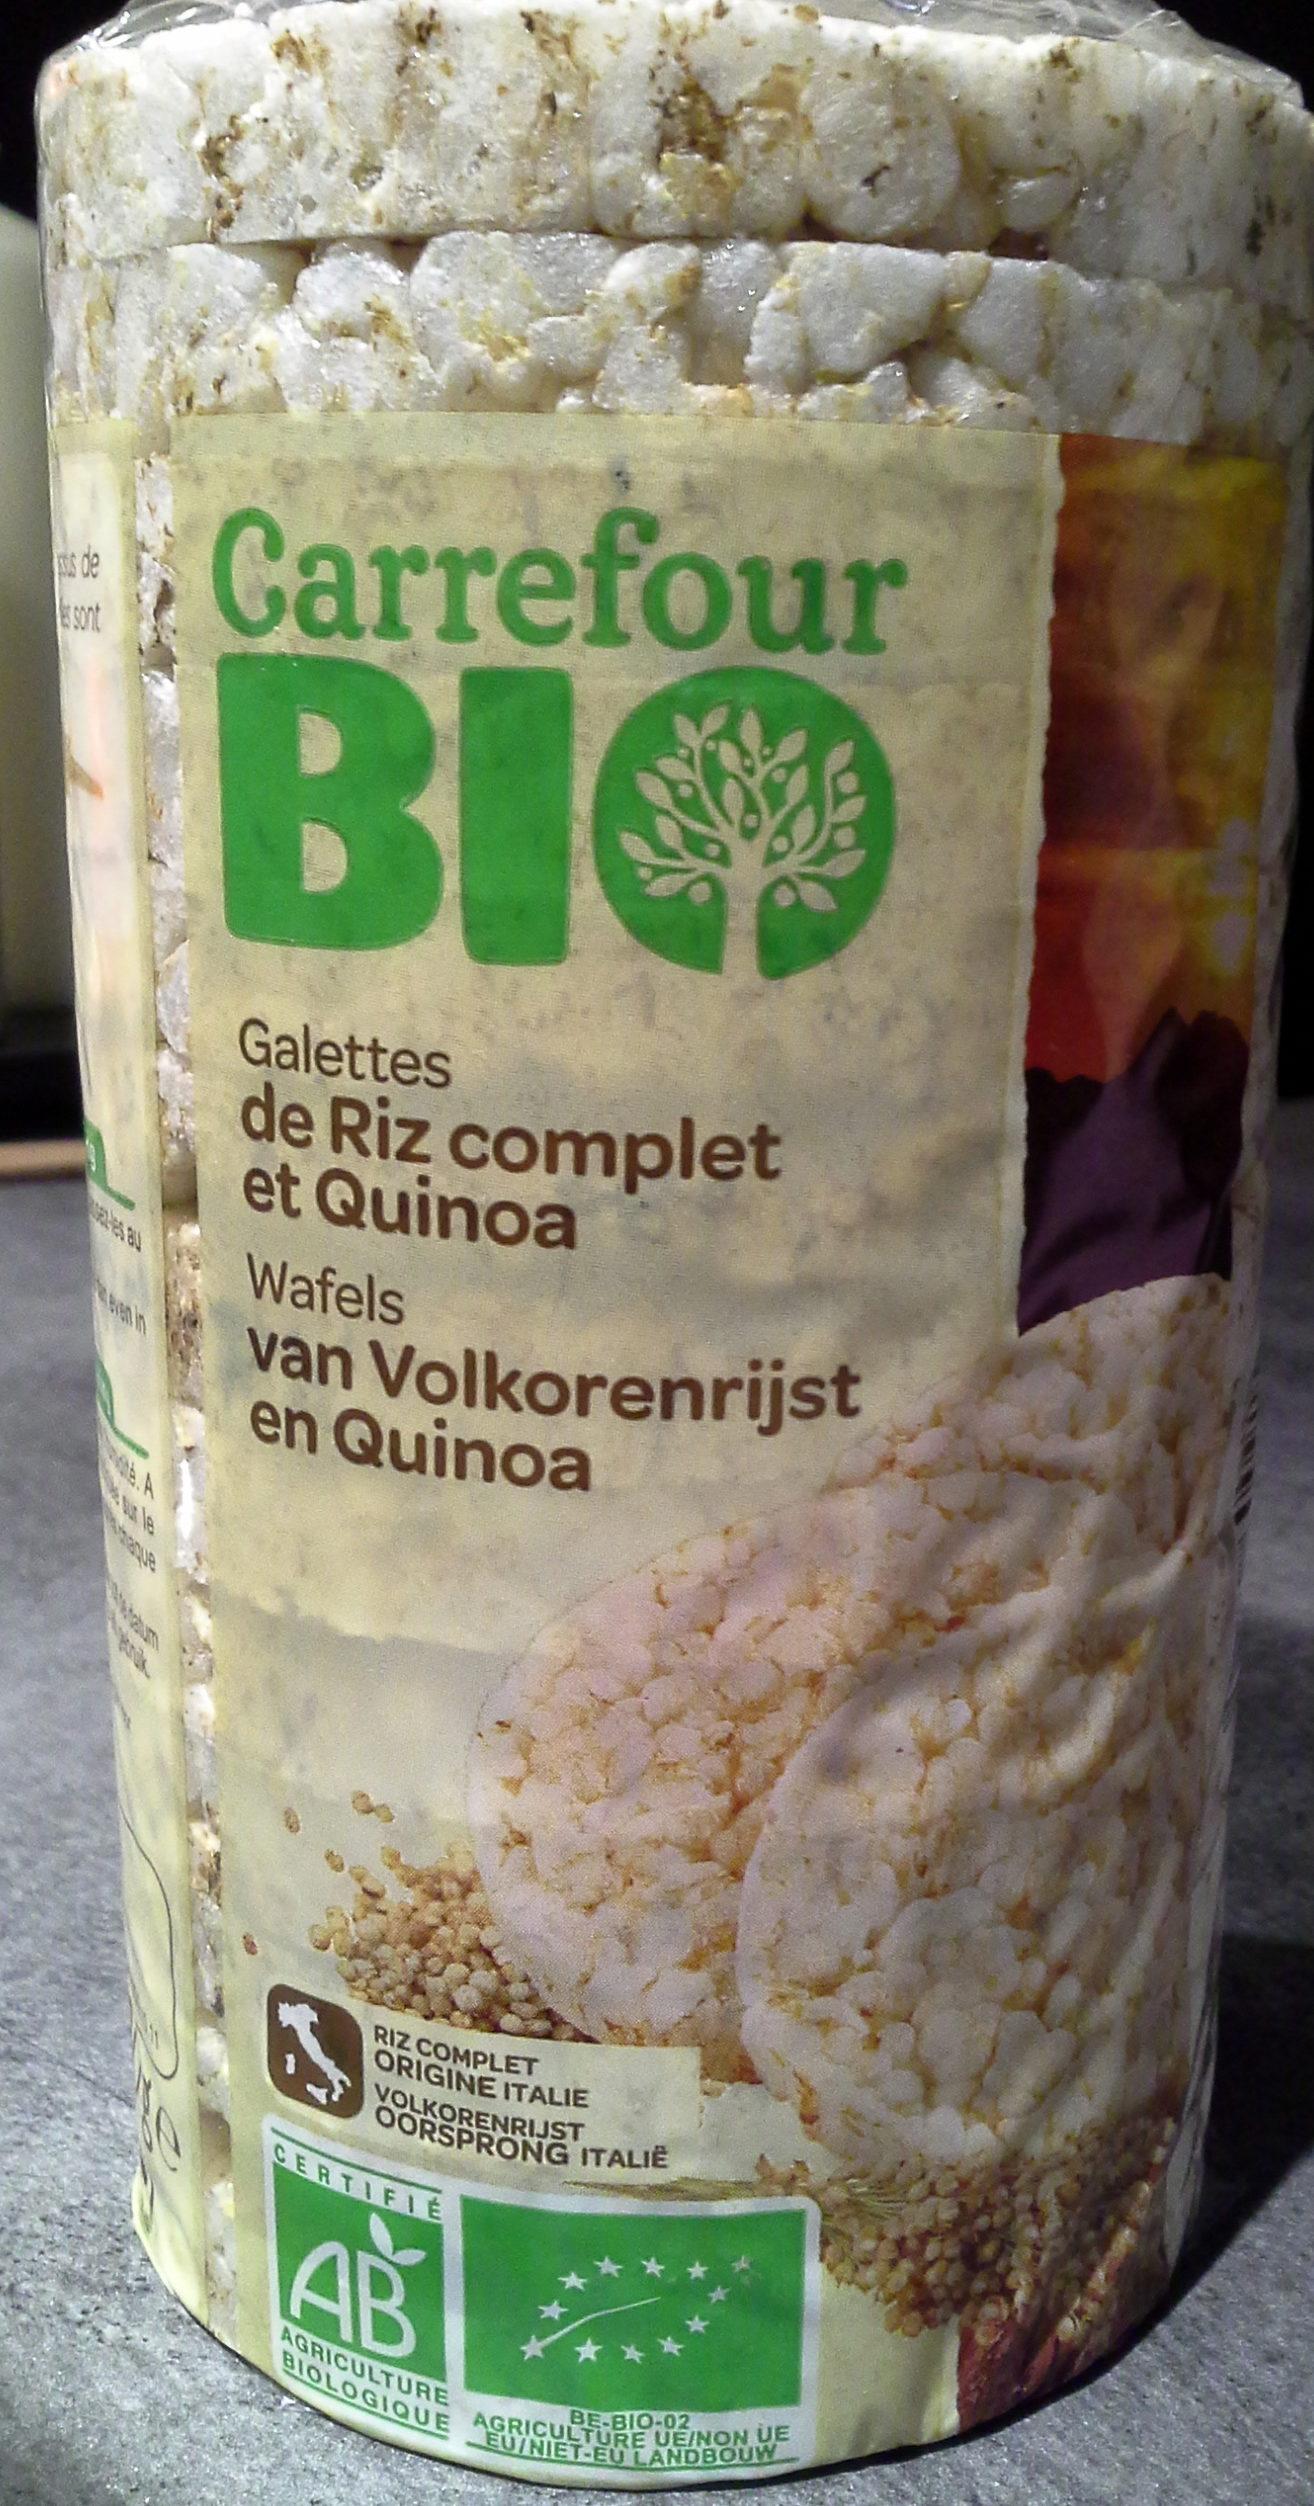 Galettes De Riz Complet et quinoa 100g - Product - fr